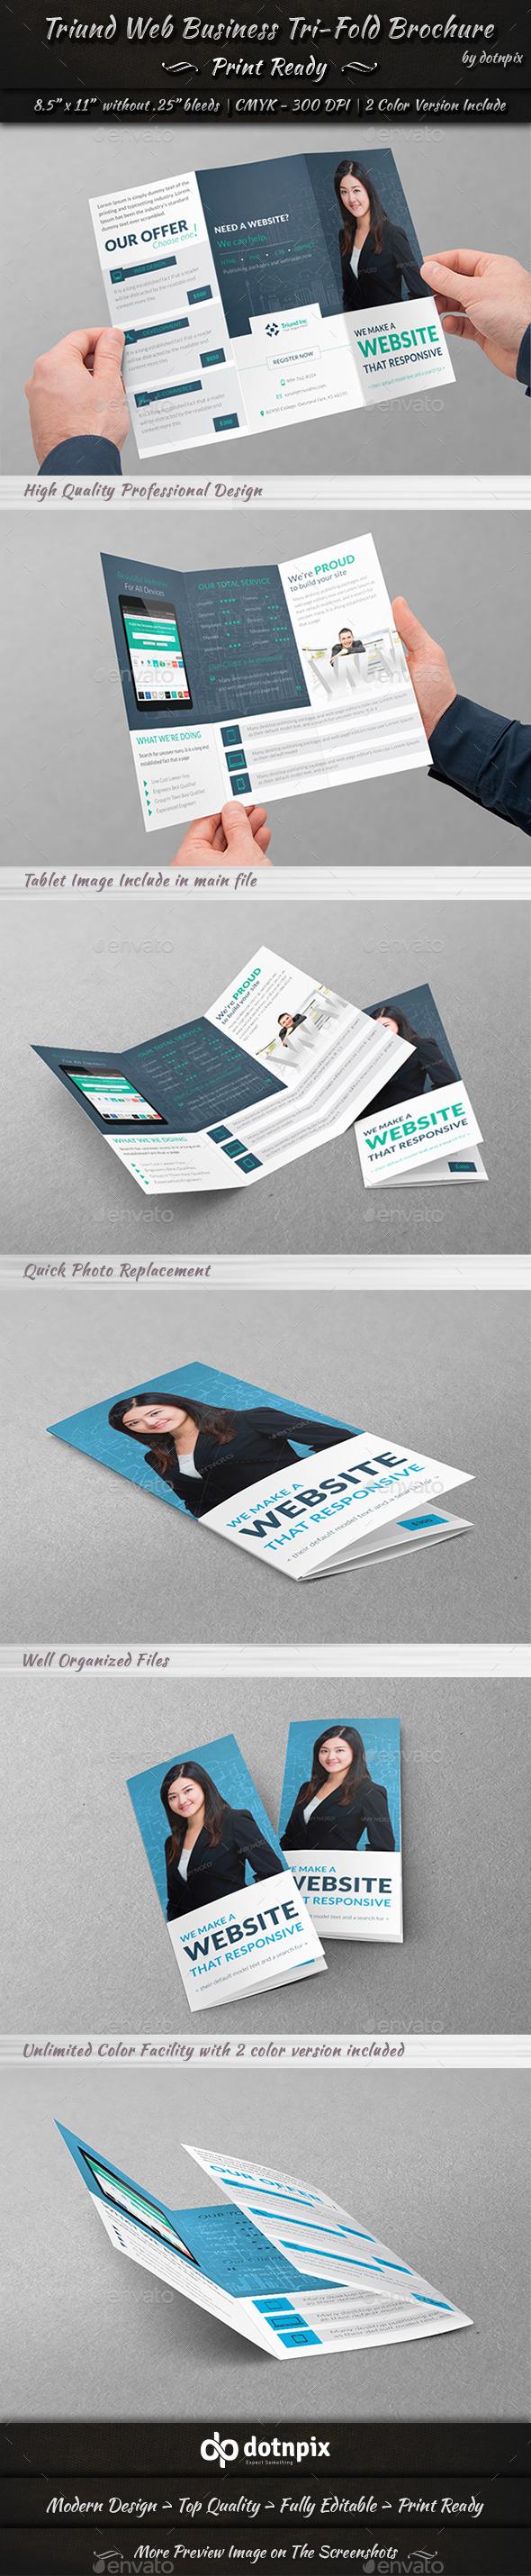 GraphicRiver Triund Web Business Tri-Fold Brochure 9545654